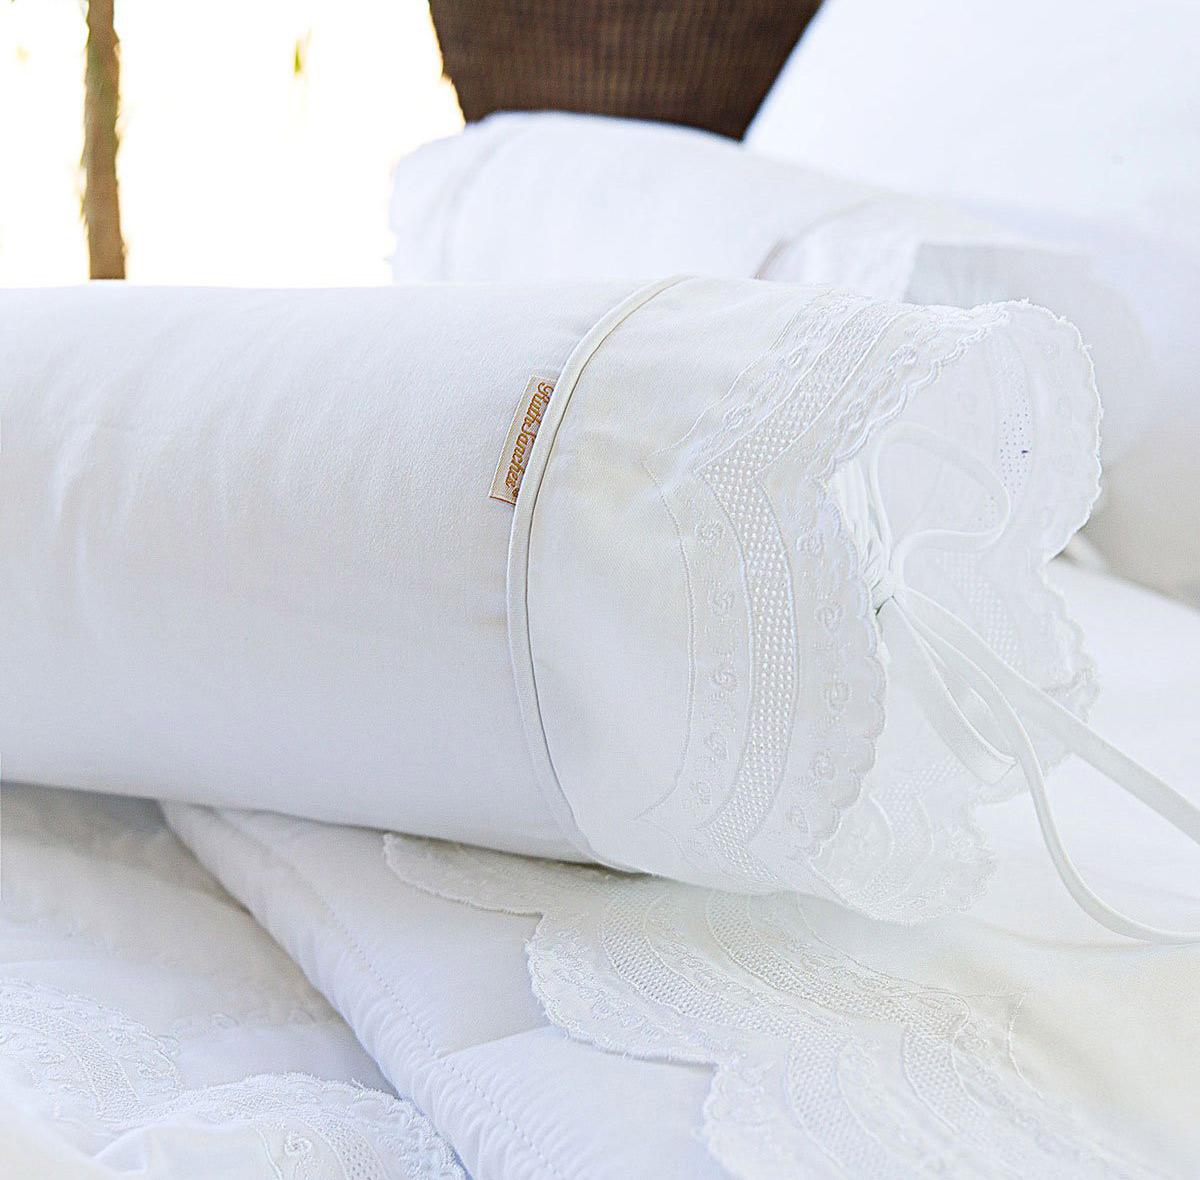 Almofada Rolinho em Percal Algodão 230 fios - Acetinado cor Branco - Giornata